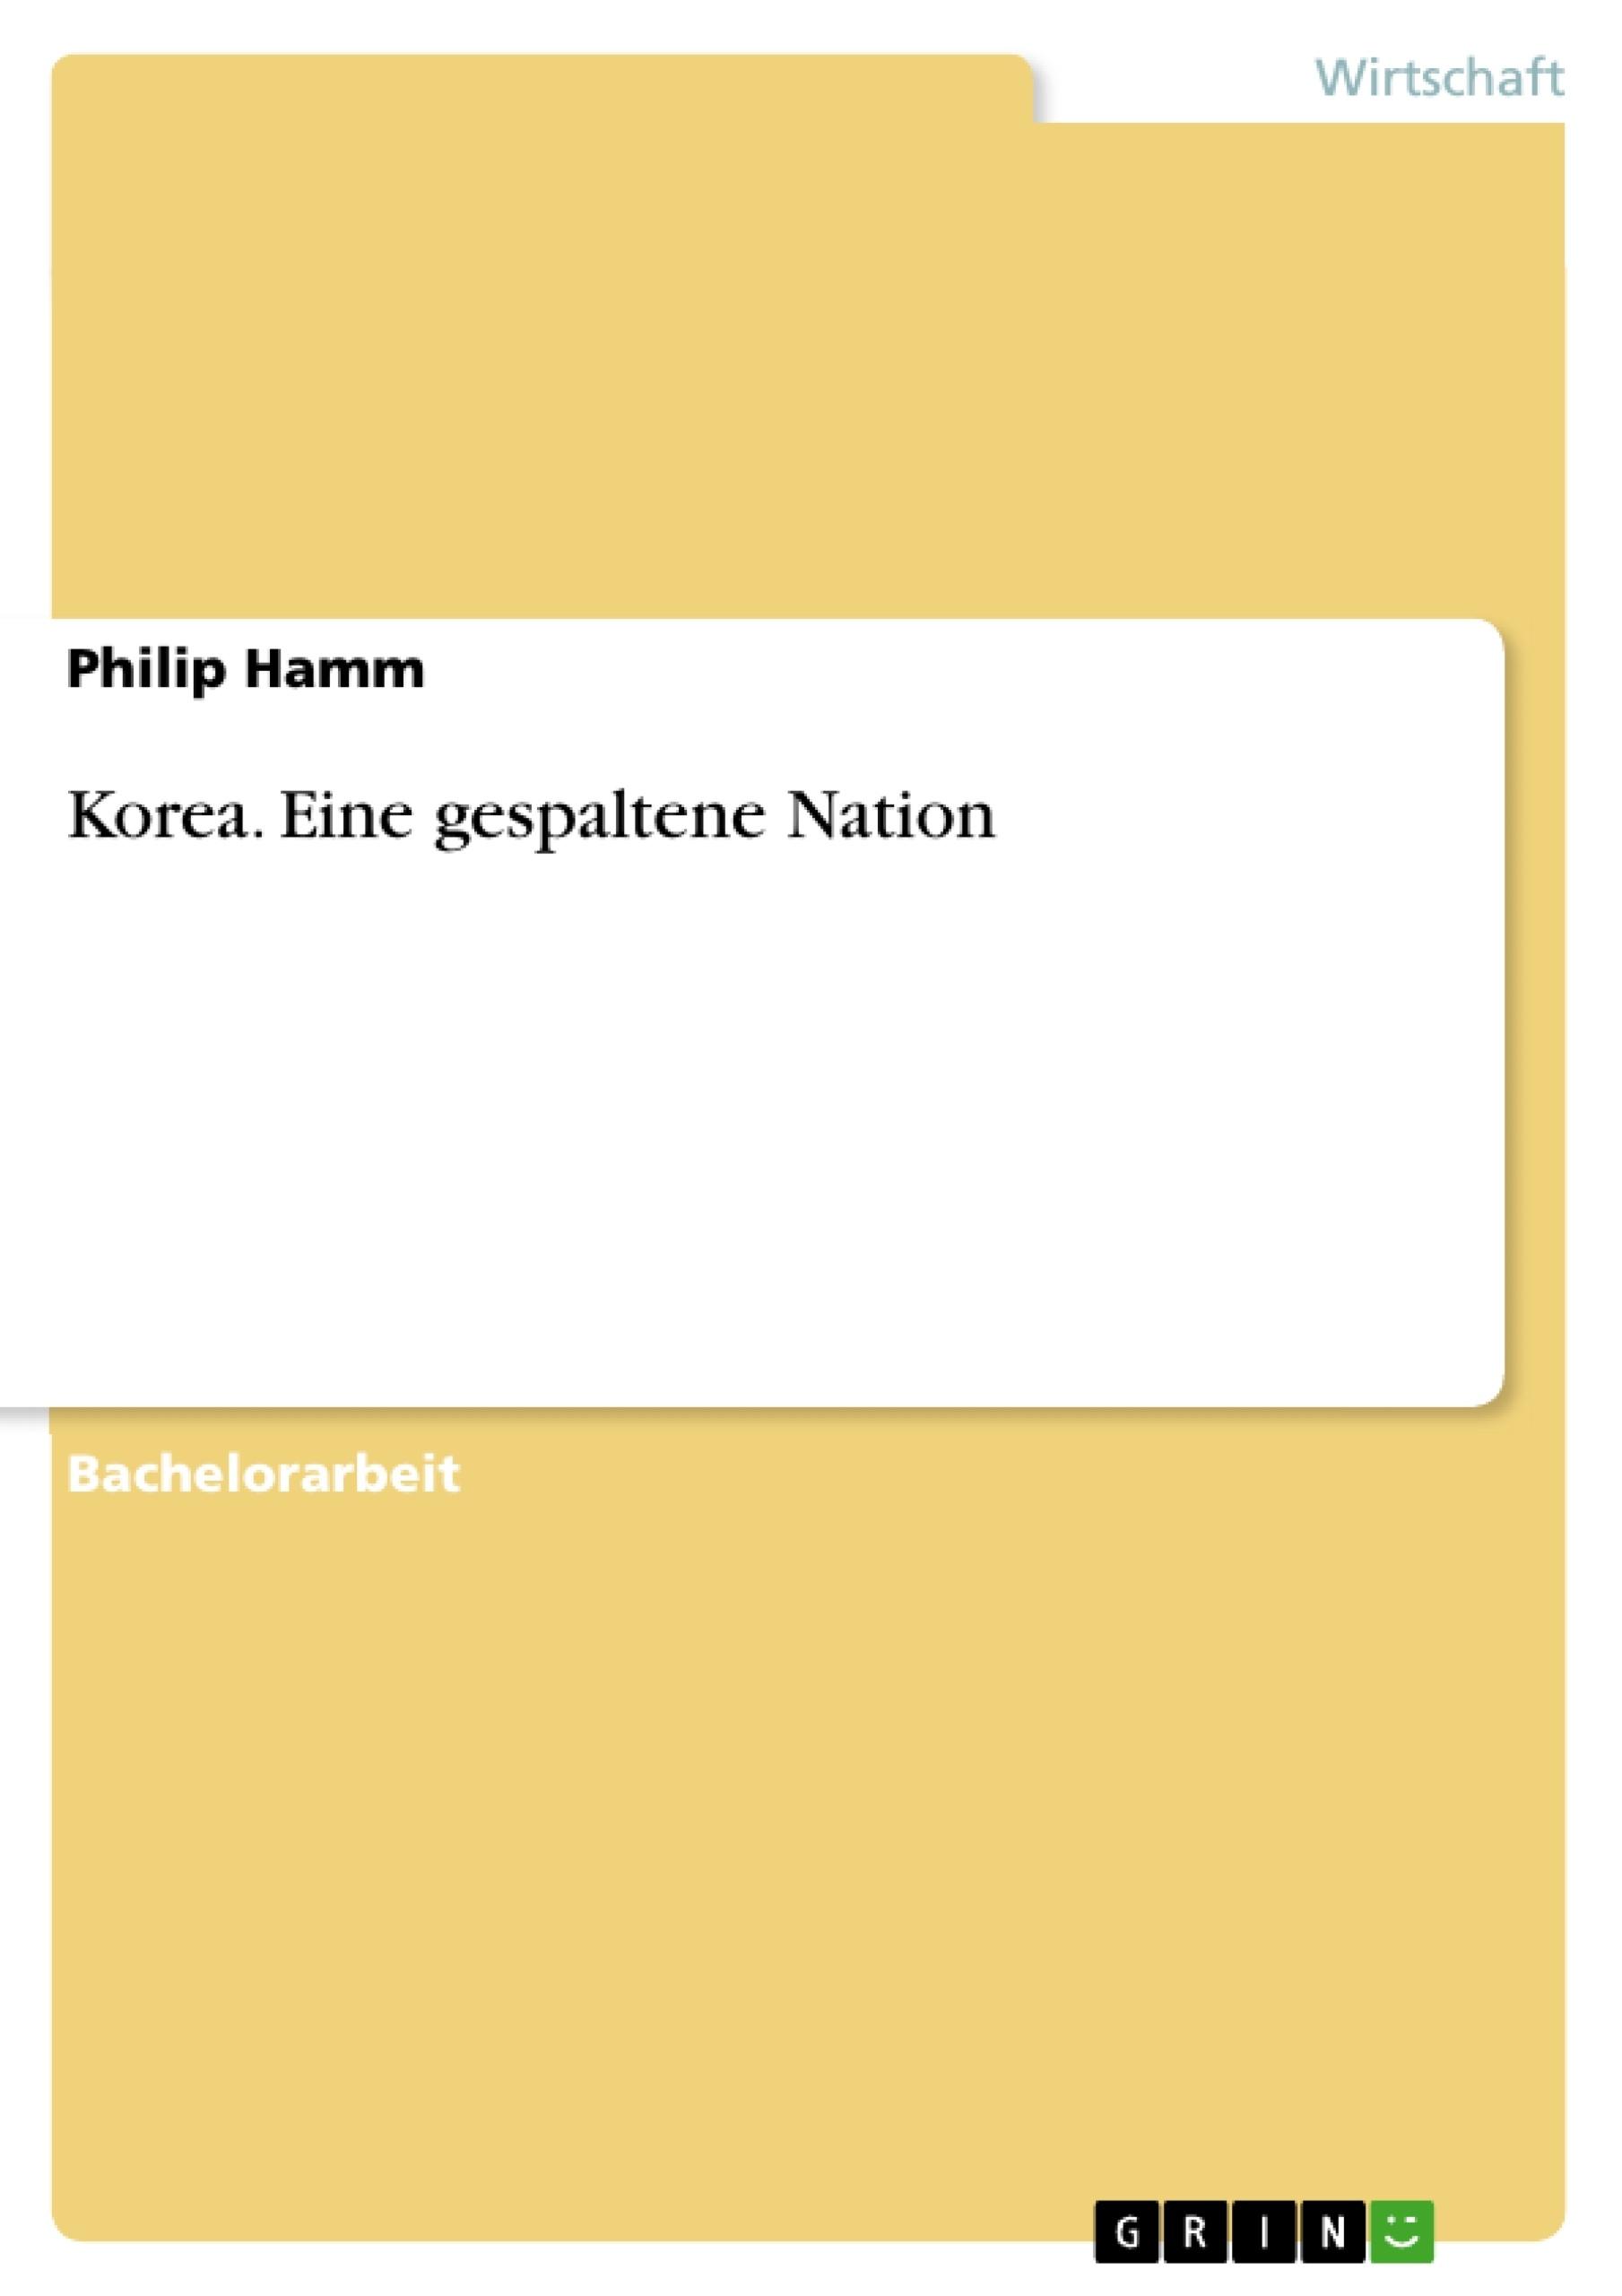 Titel: Korea. Eine gespaltene Nation